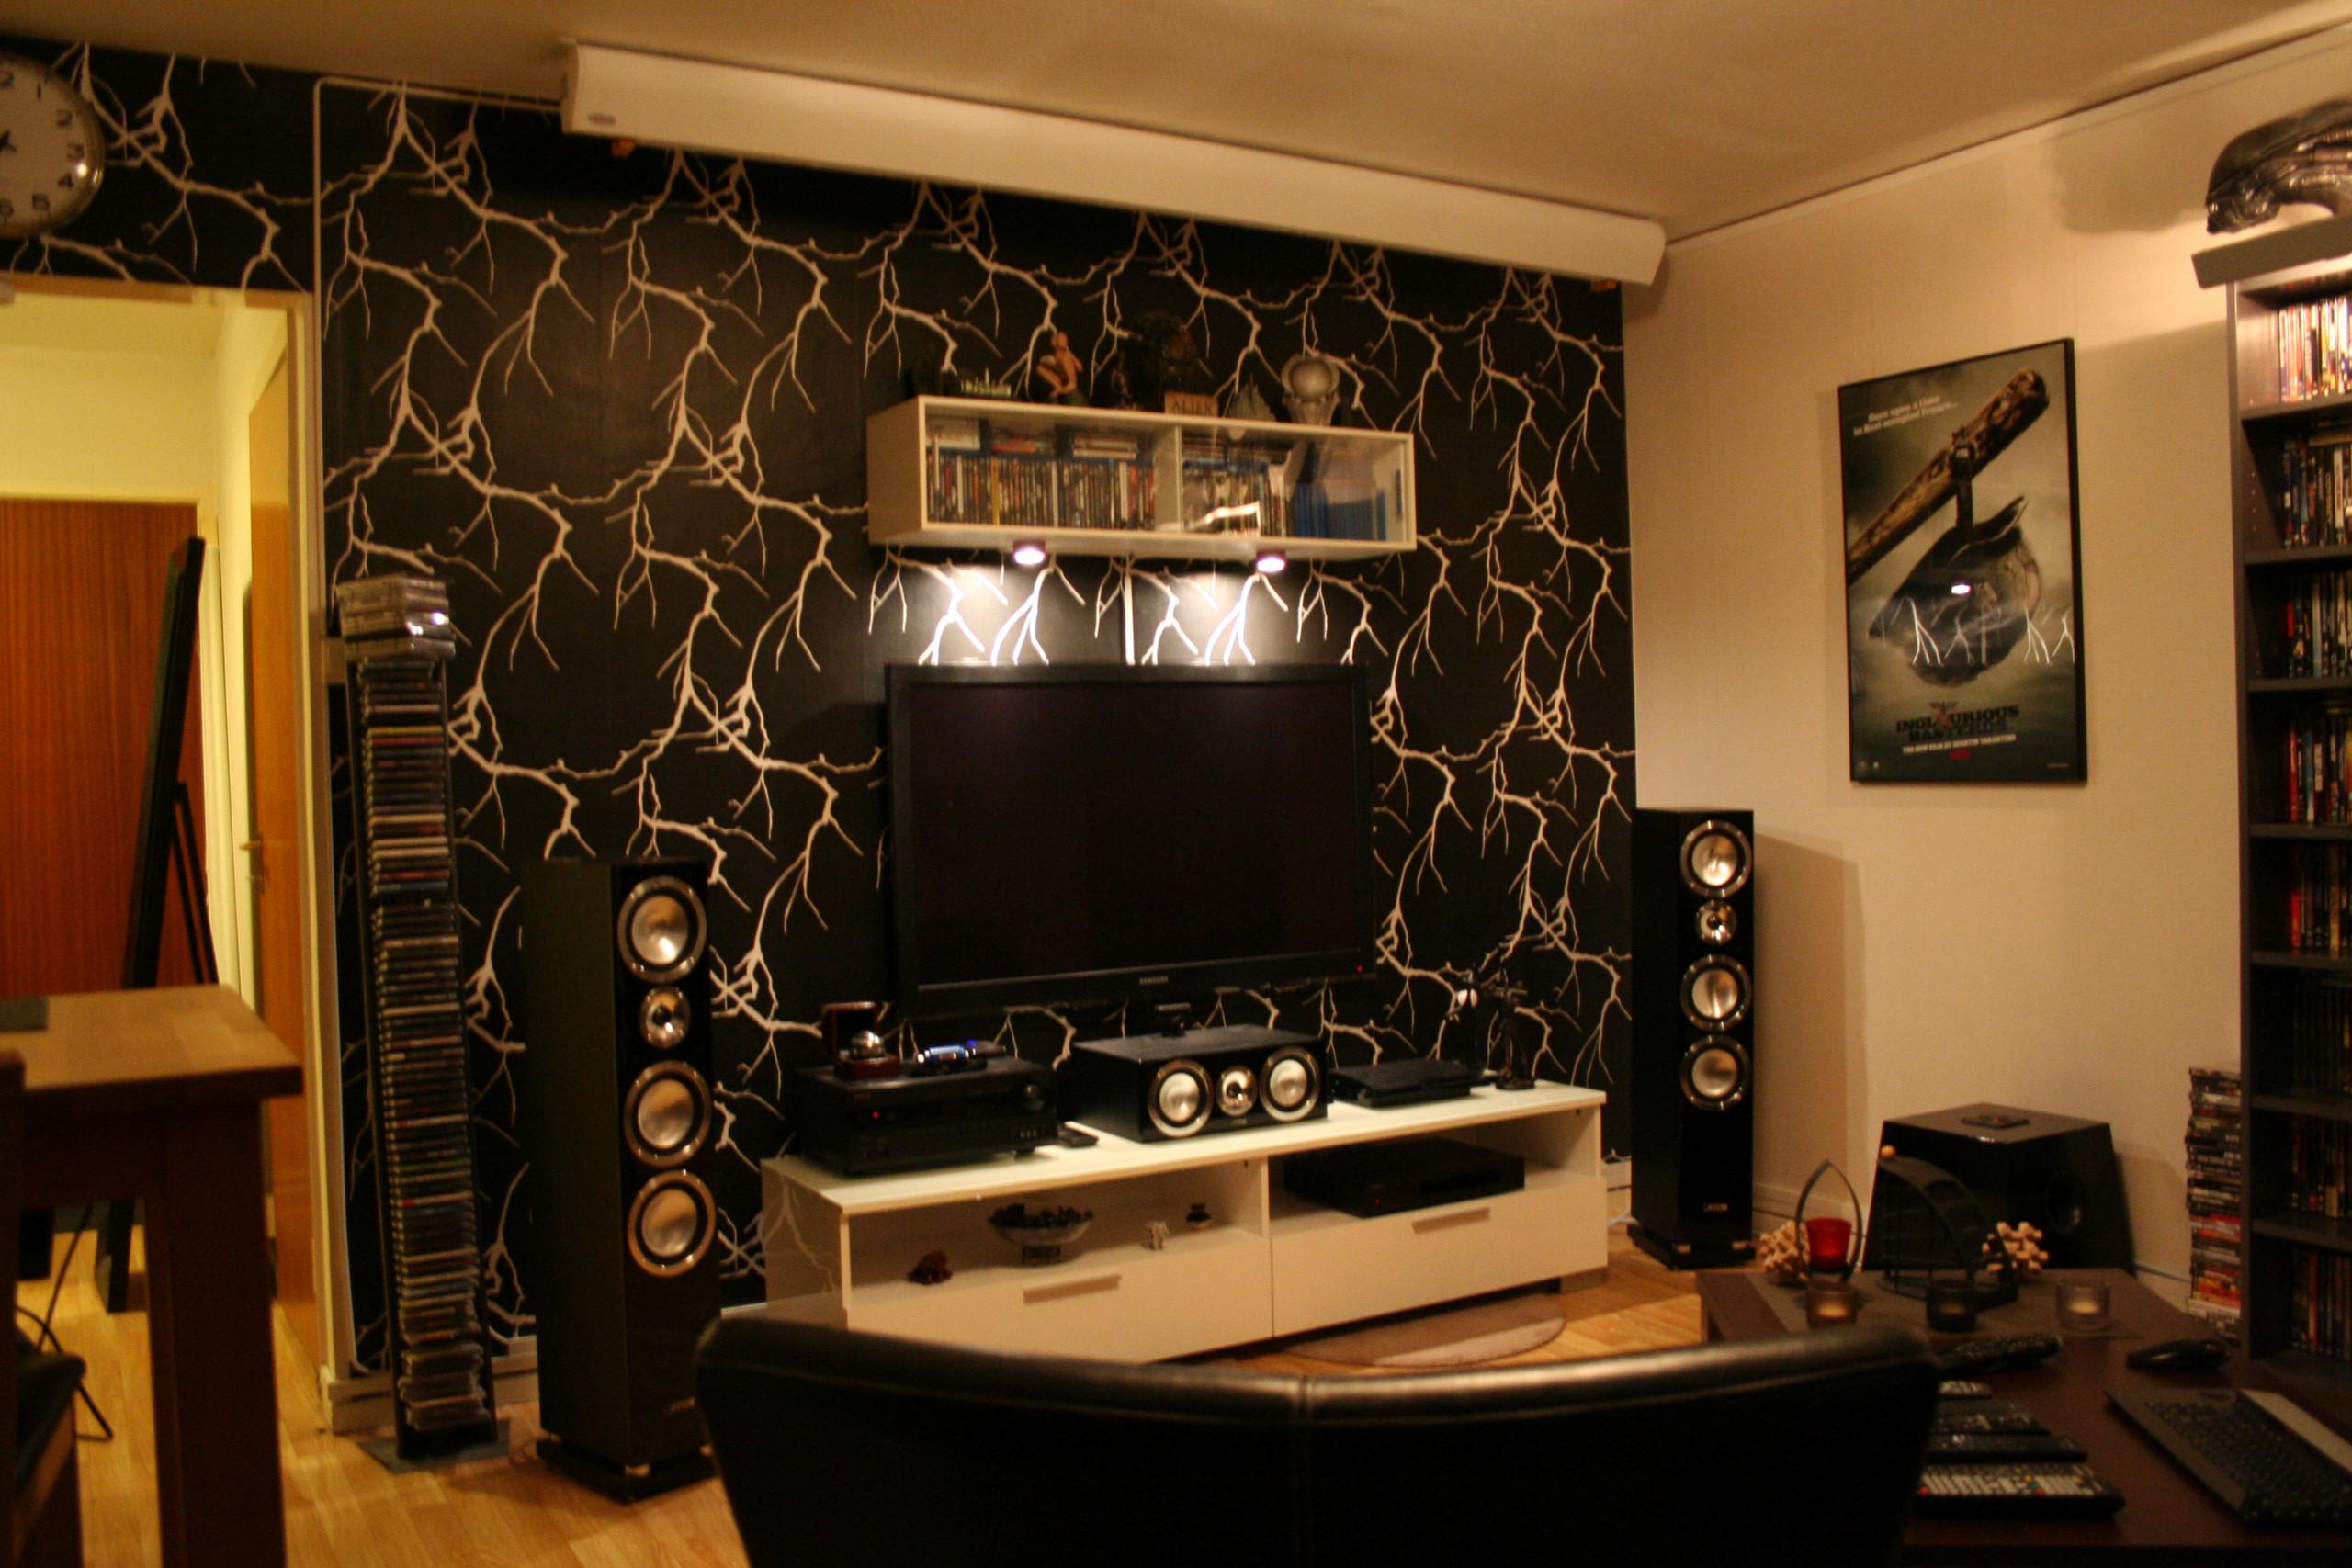 bilder p yamaha ns sw700 subwoofer. Black Bedroom Furniture Sets. Home Design Ideas